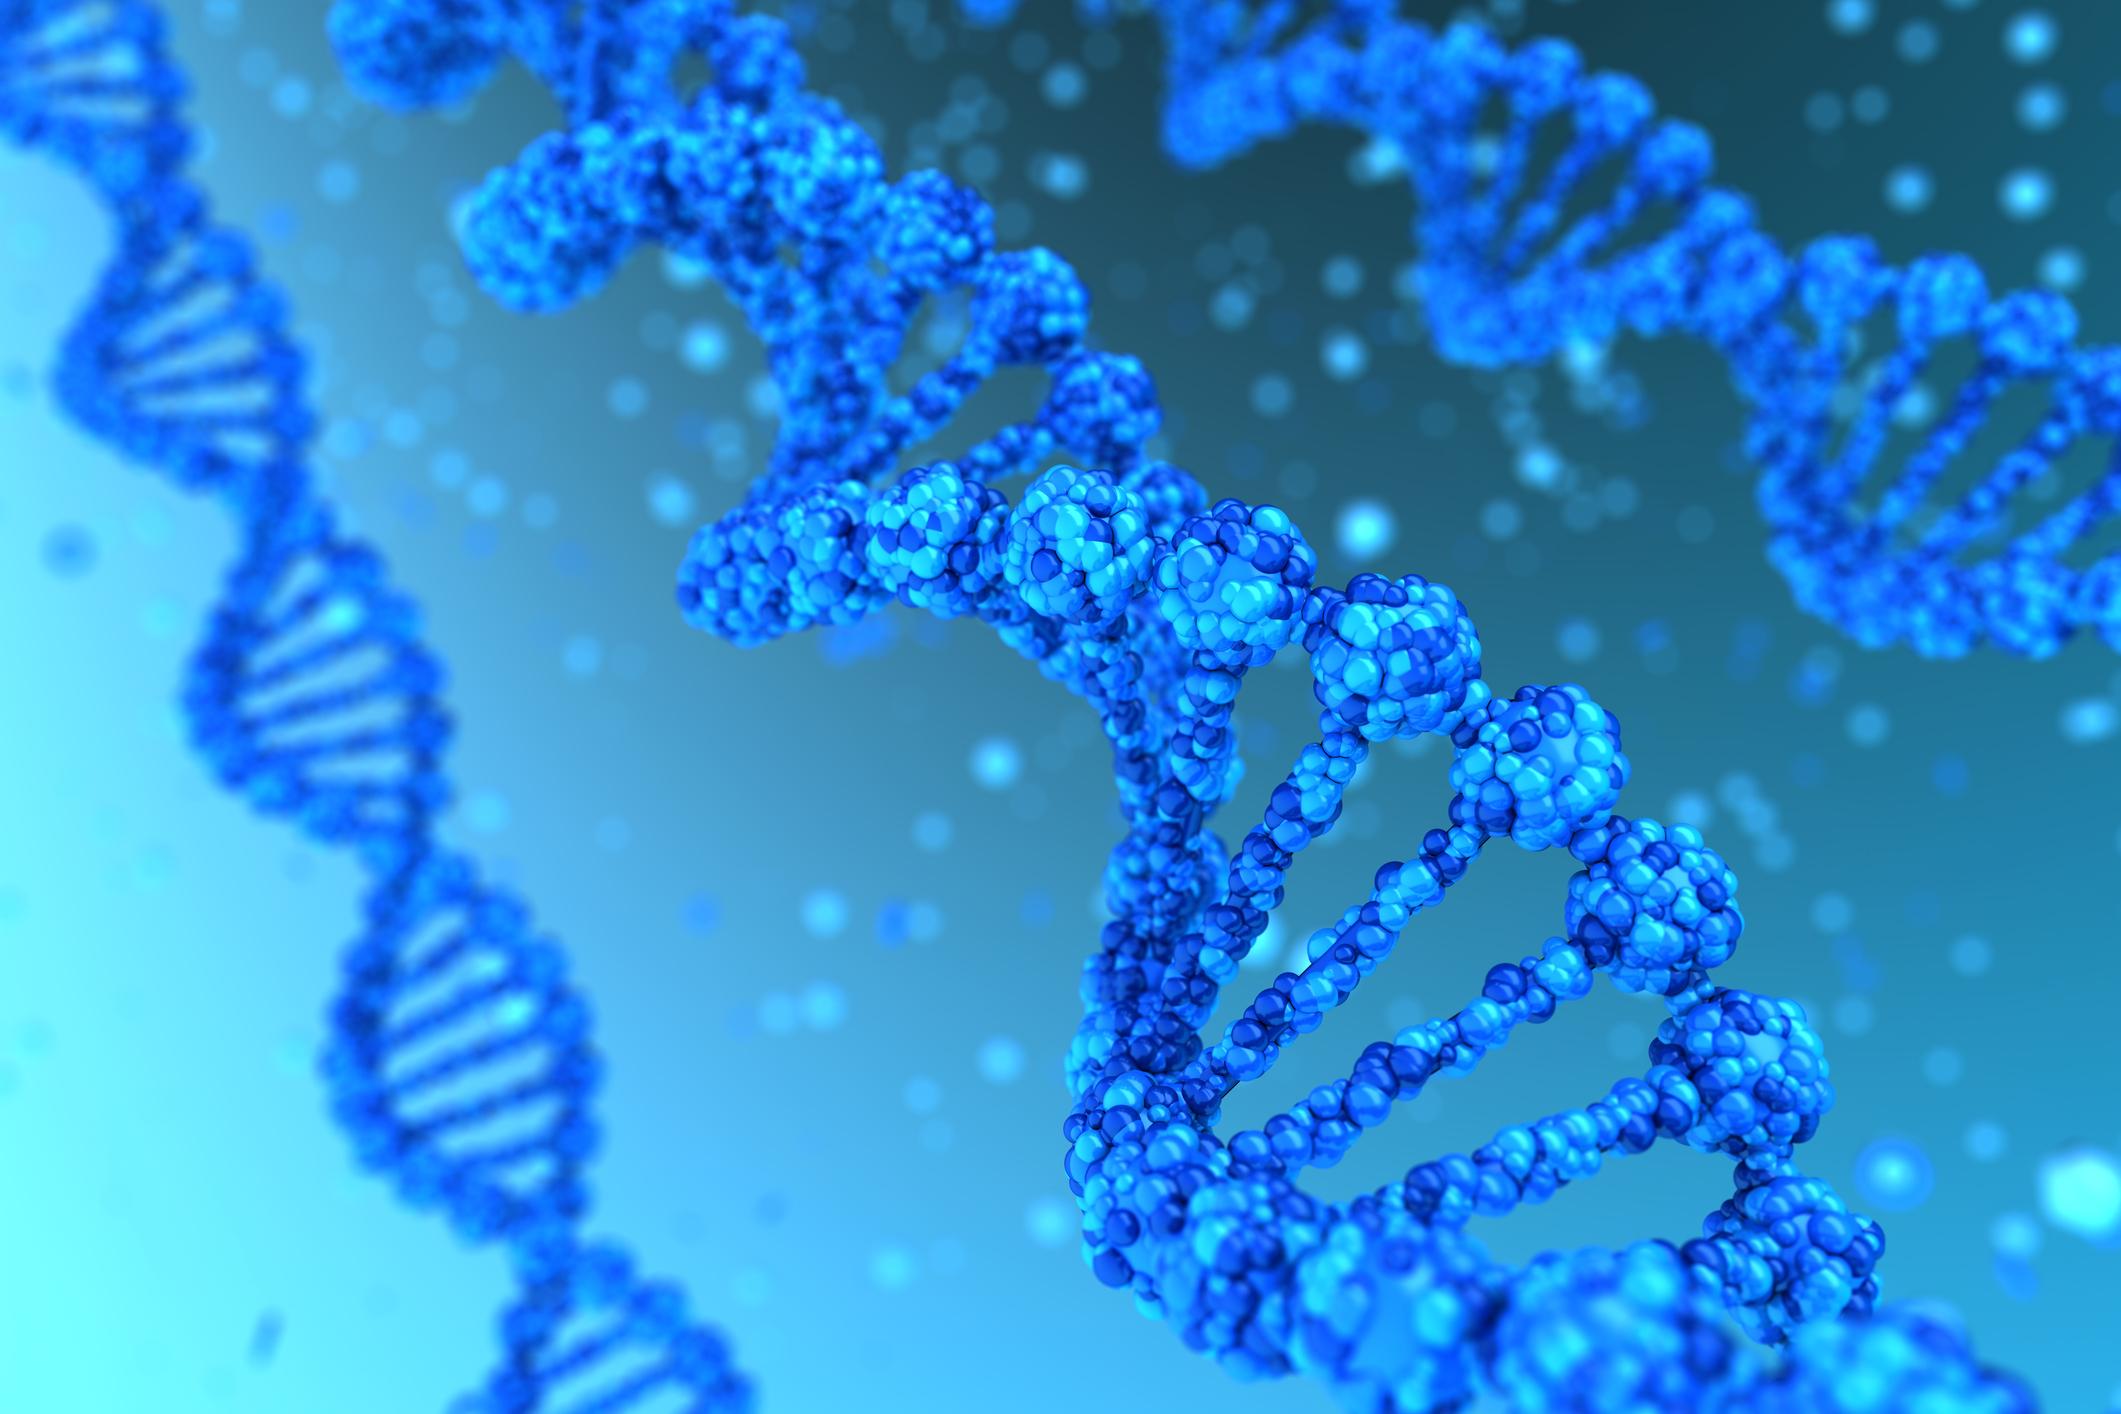 Detailed representation of a DNA molecule.